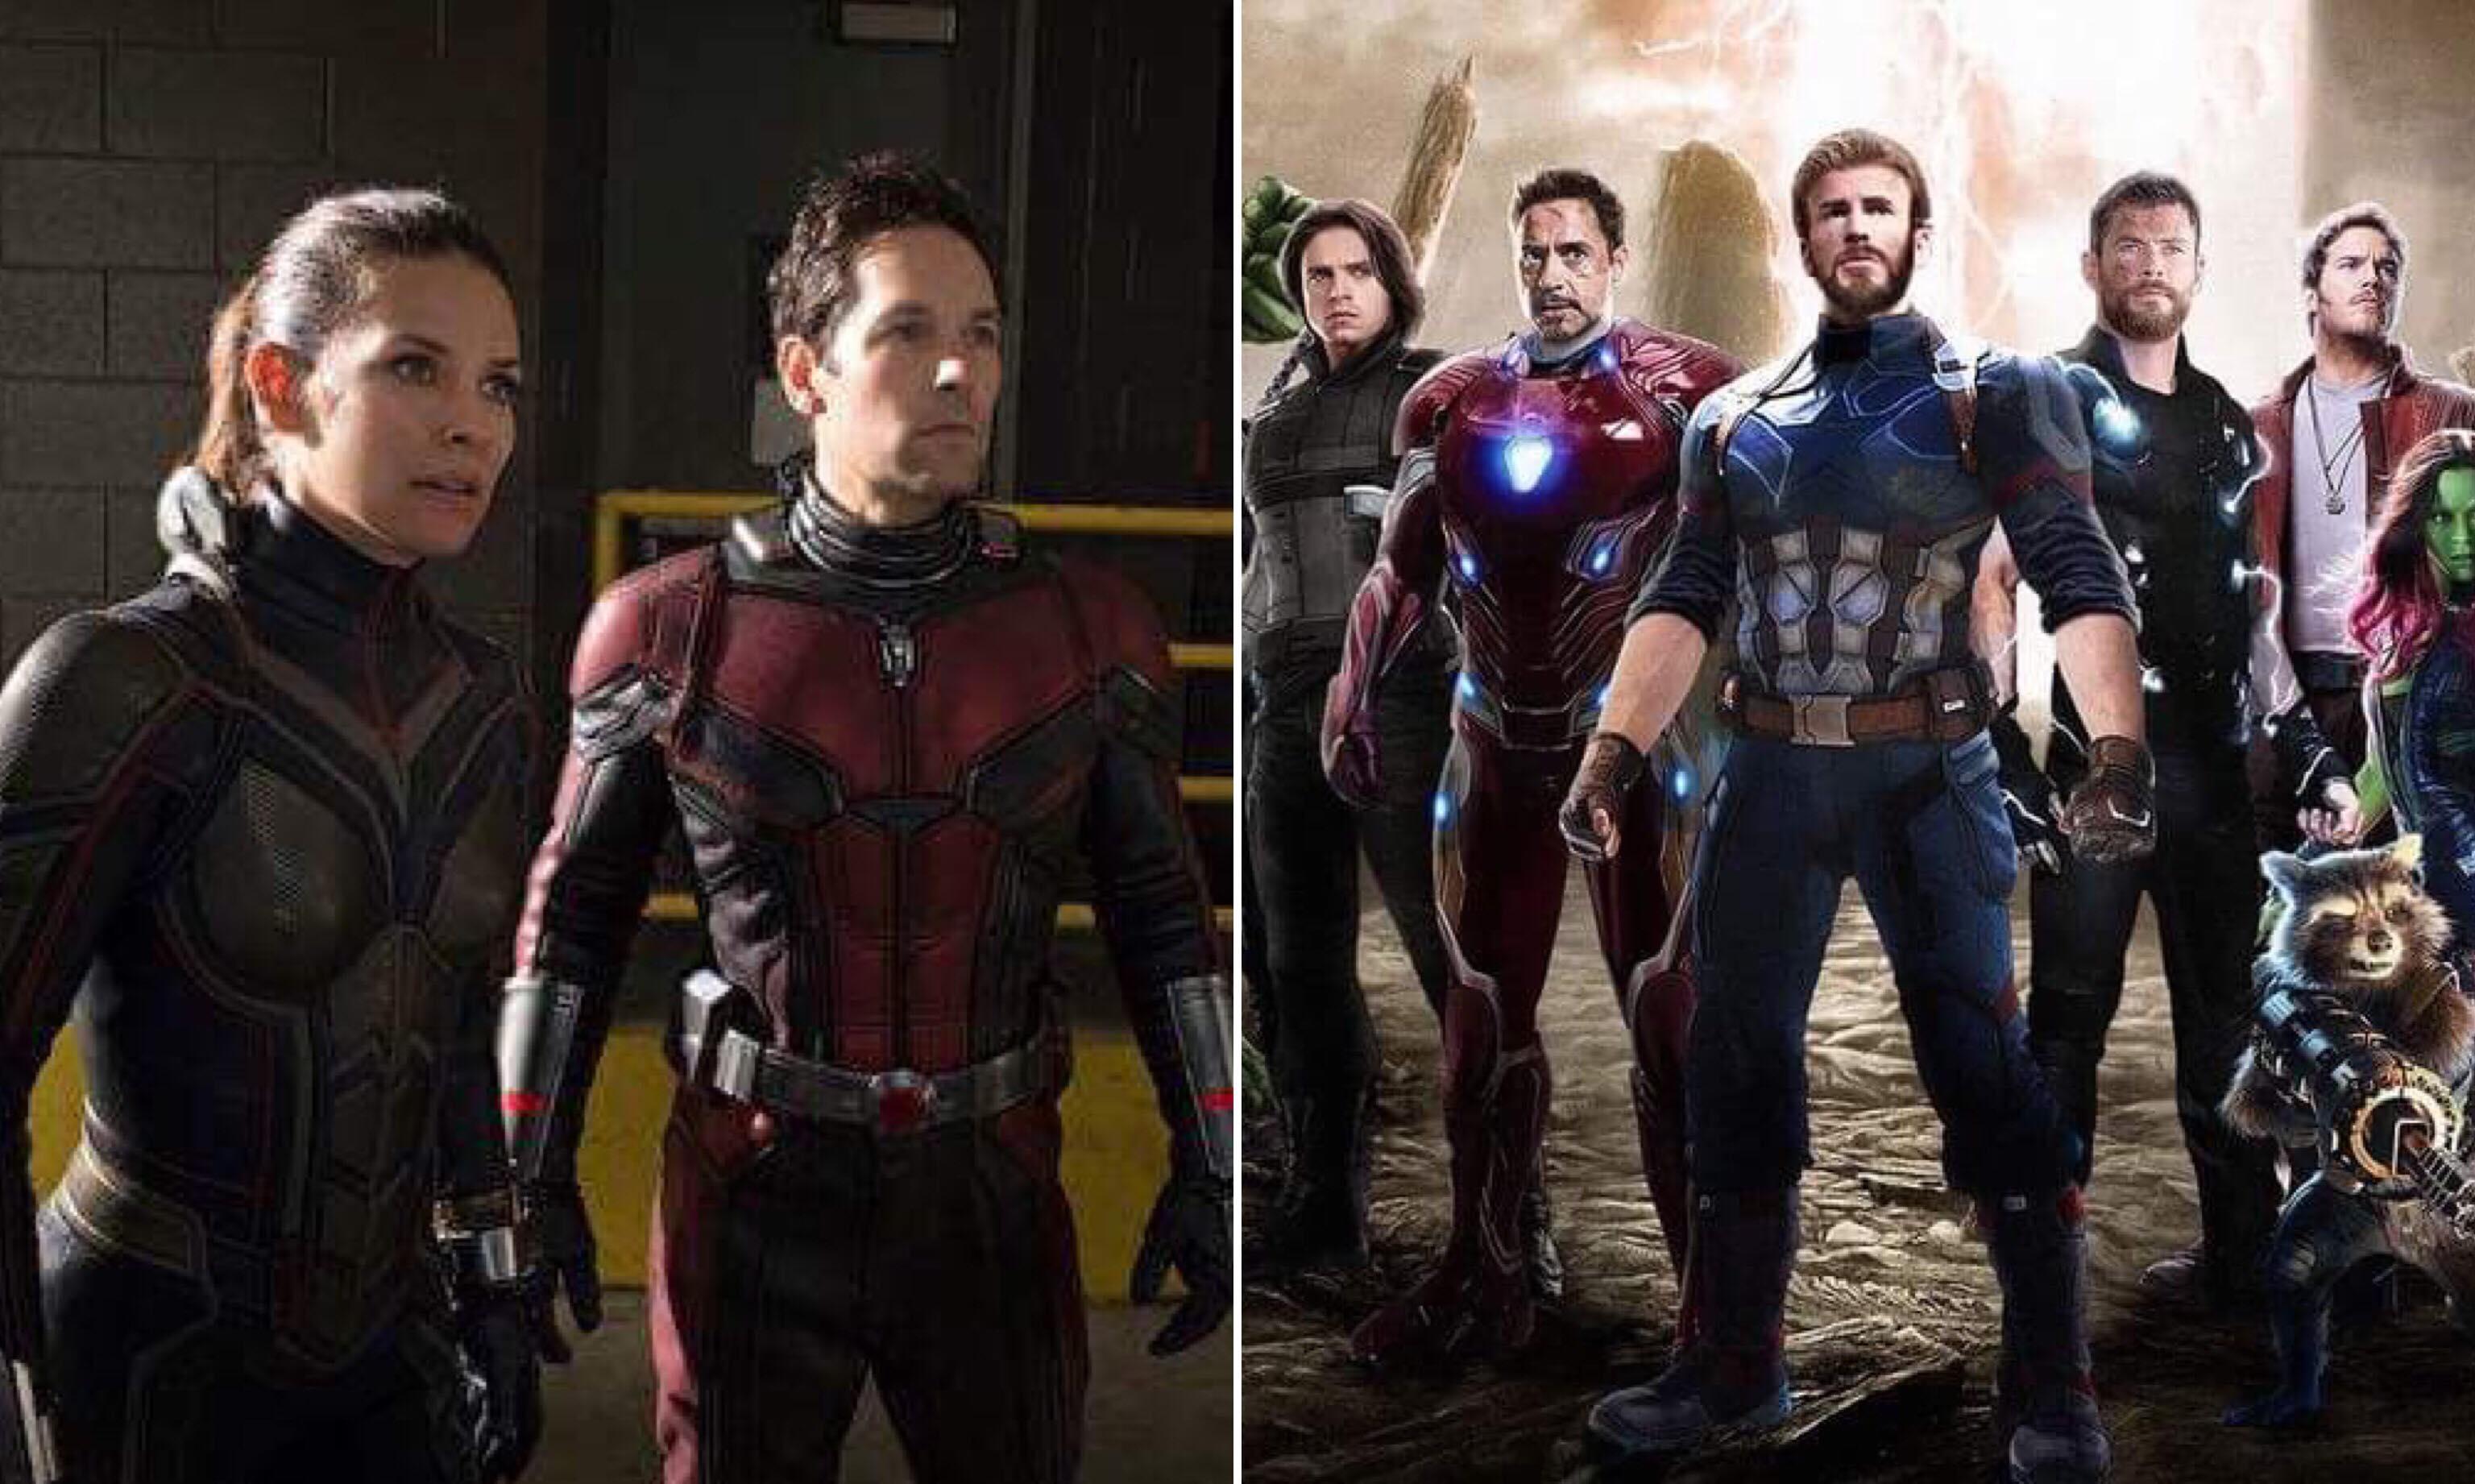 《蟻人與黃蜂女》的預告竟然揭露了《復仇者聯盟3》消失的關鍵? – 我們用電影寫日記